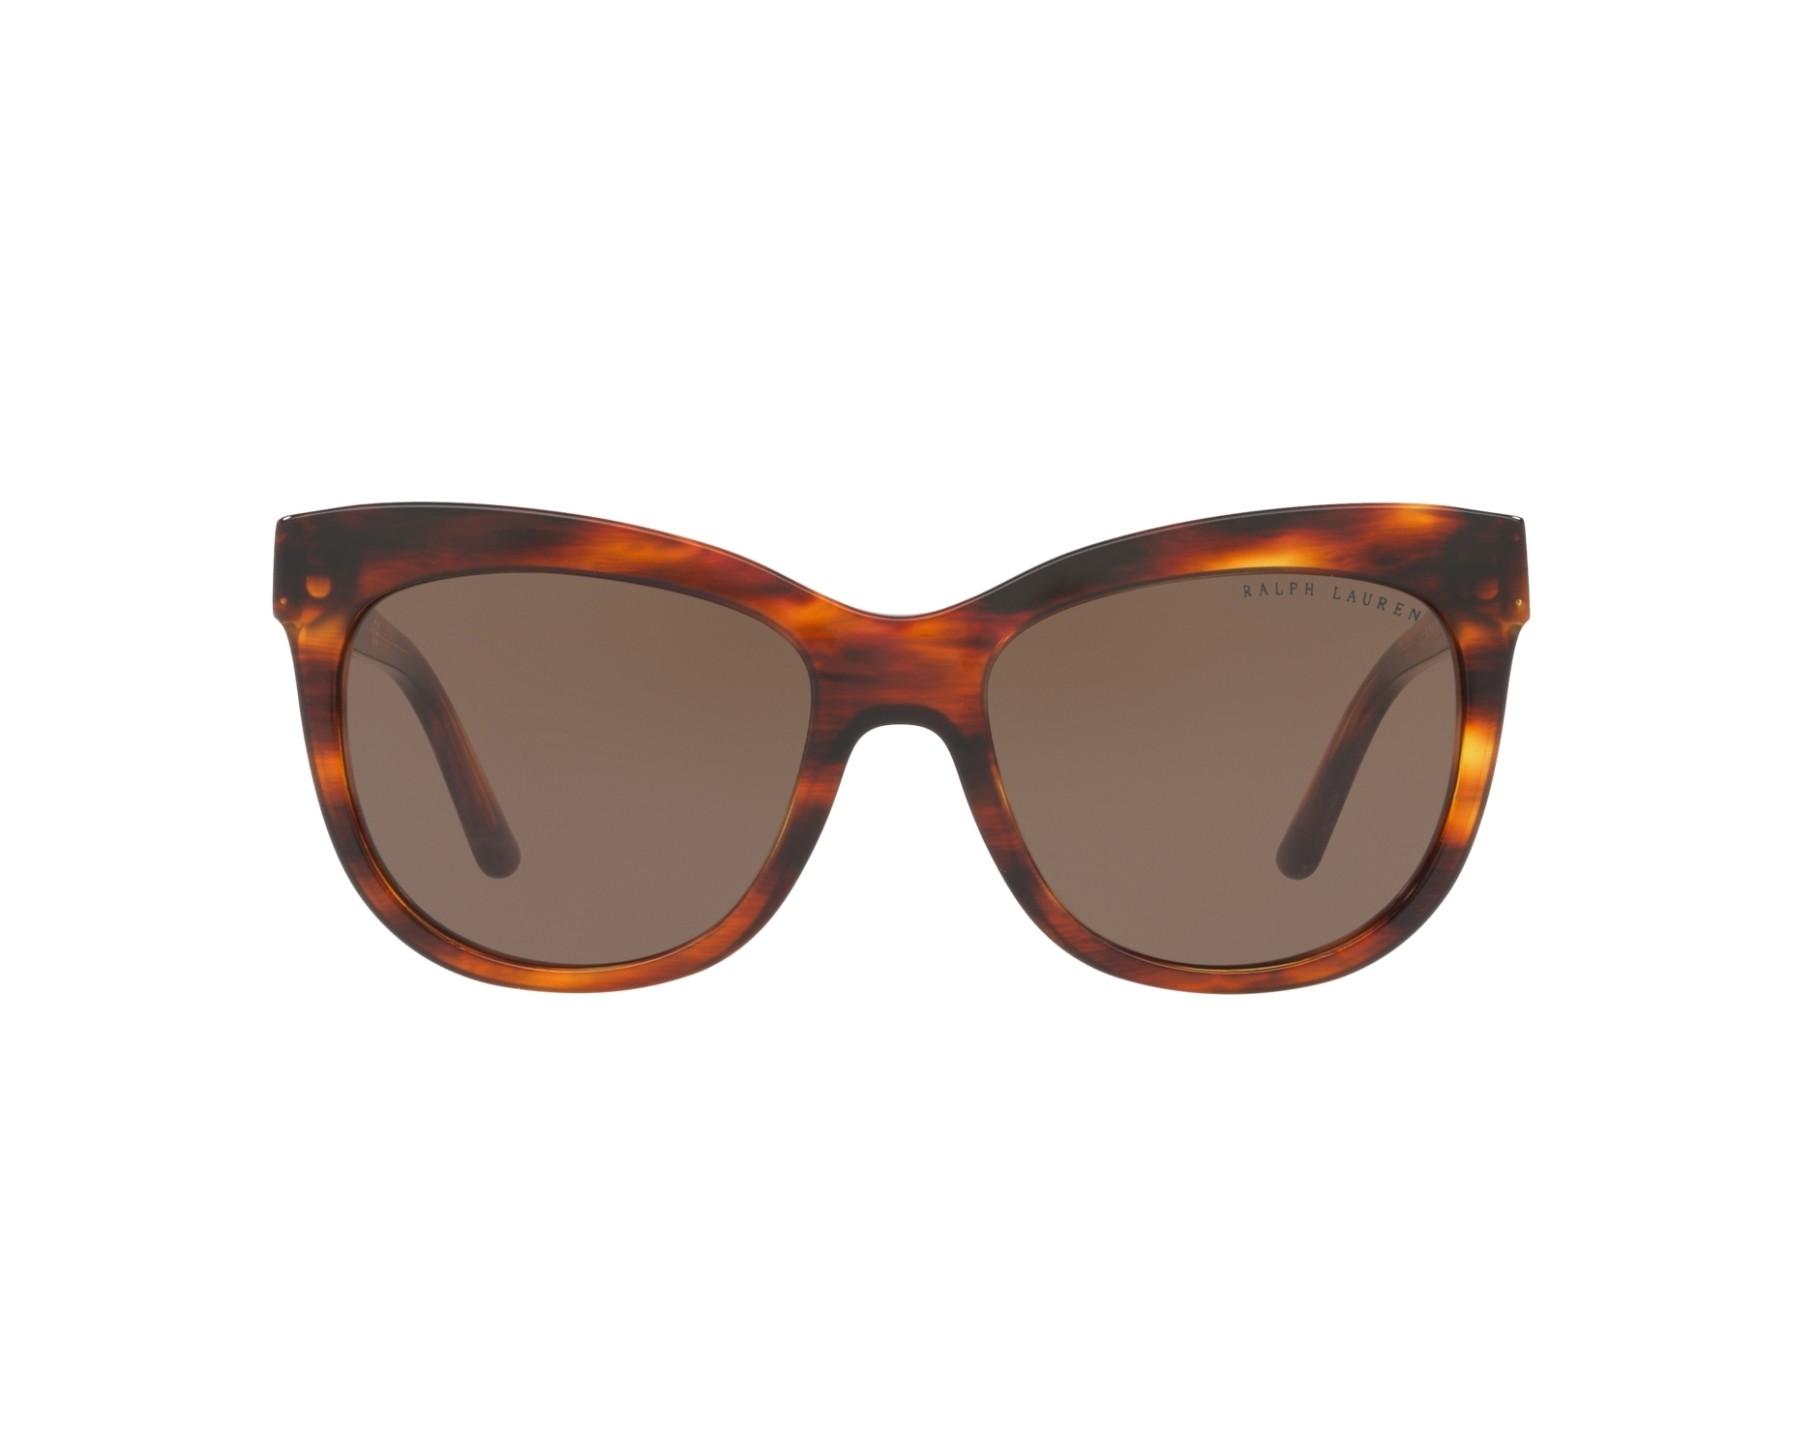 lunettes de soleil ralph lauren rl 8158 500773 marron avec des verres marron pour femmes taille. Black Bedroom Furniture Sets. Home Design Ideas